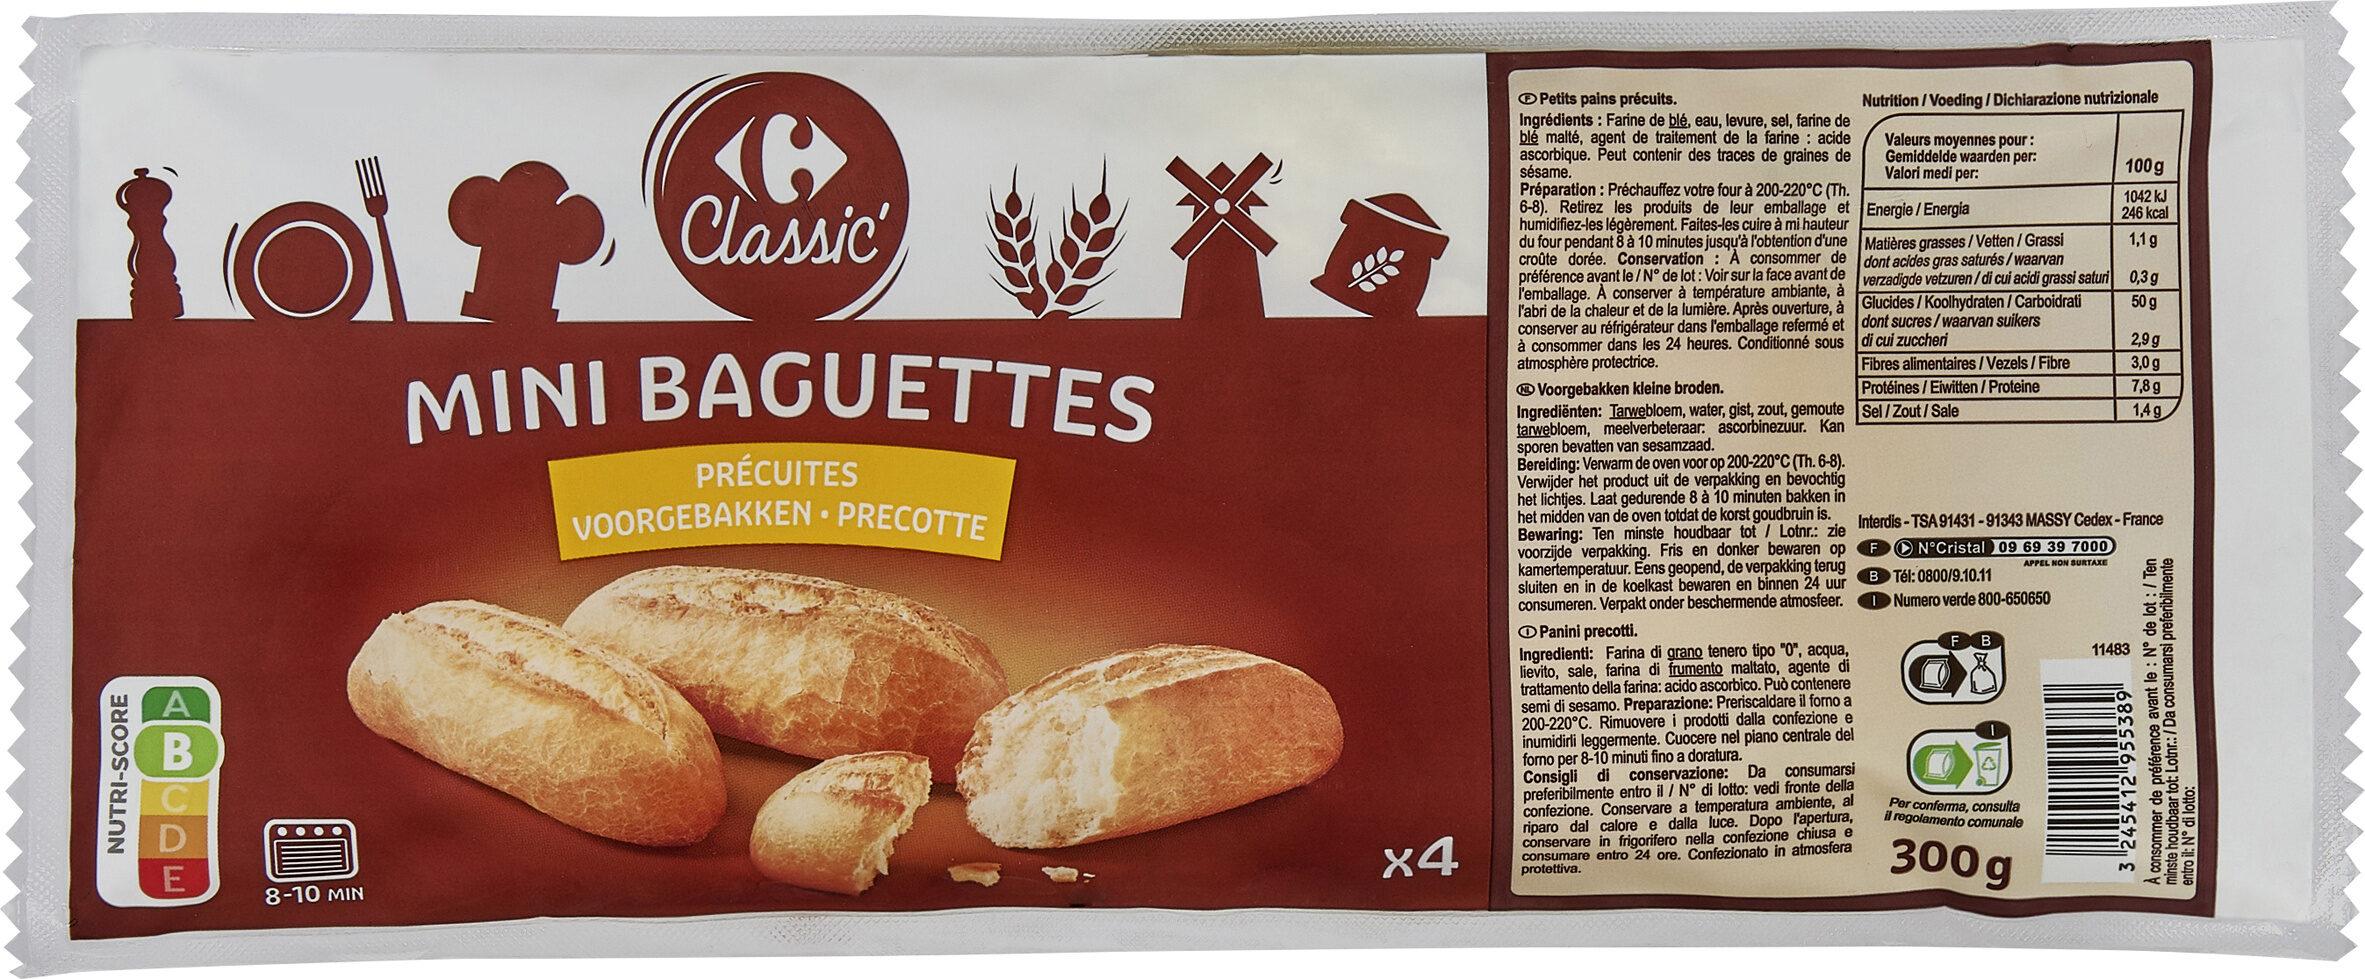 Mini baguette - Product - fr